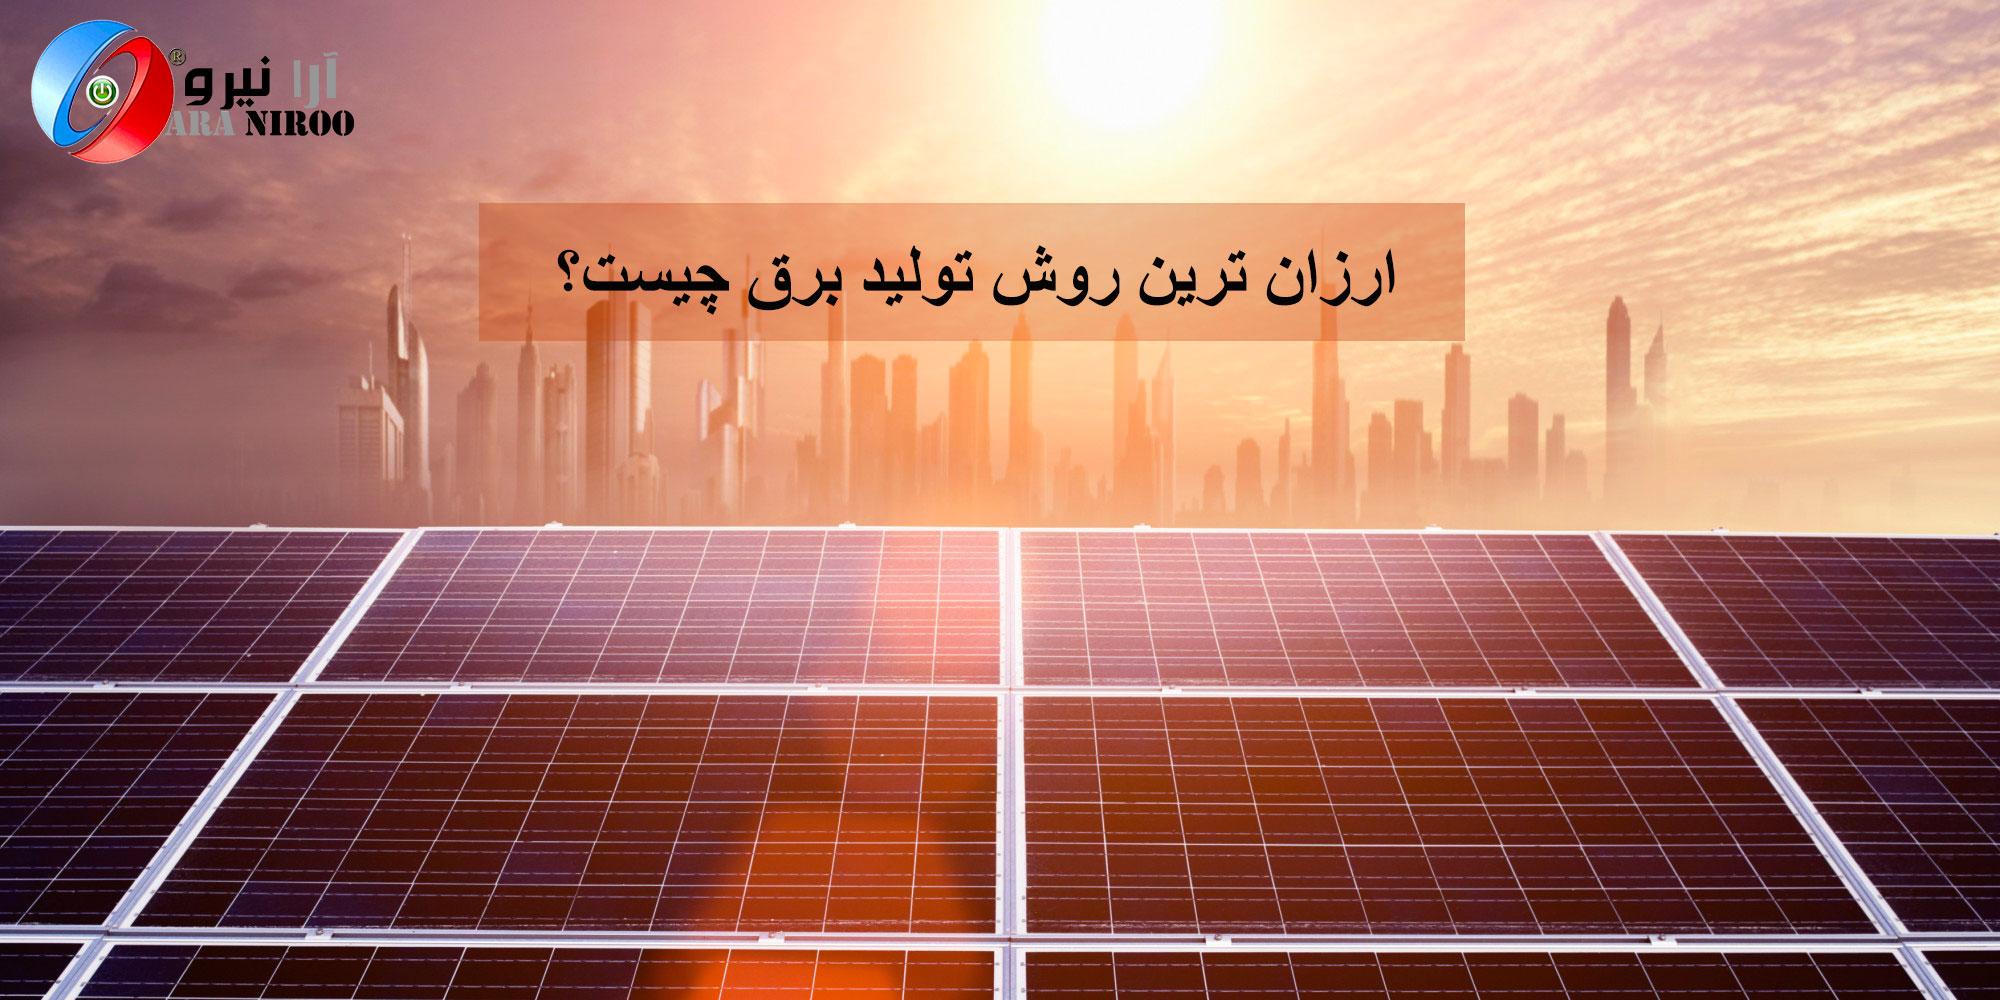 ارزان ترین روش تولید برق چیست؟